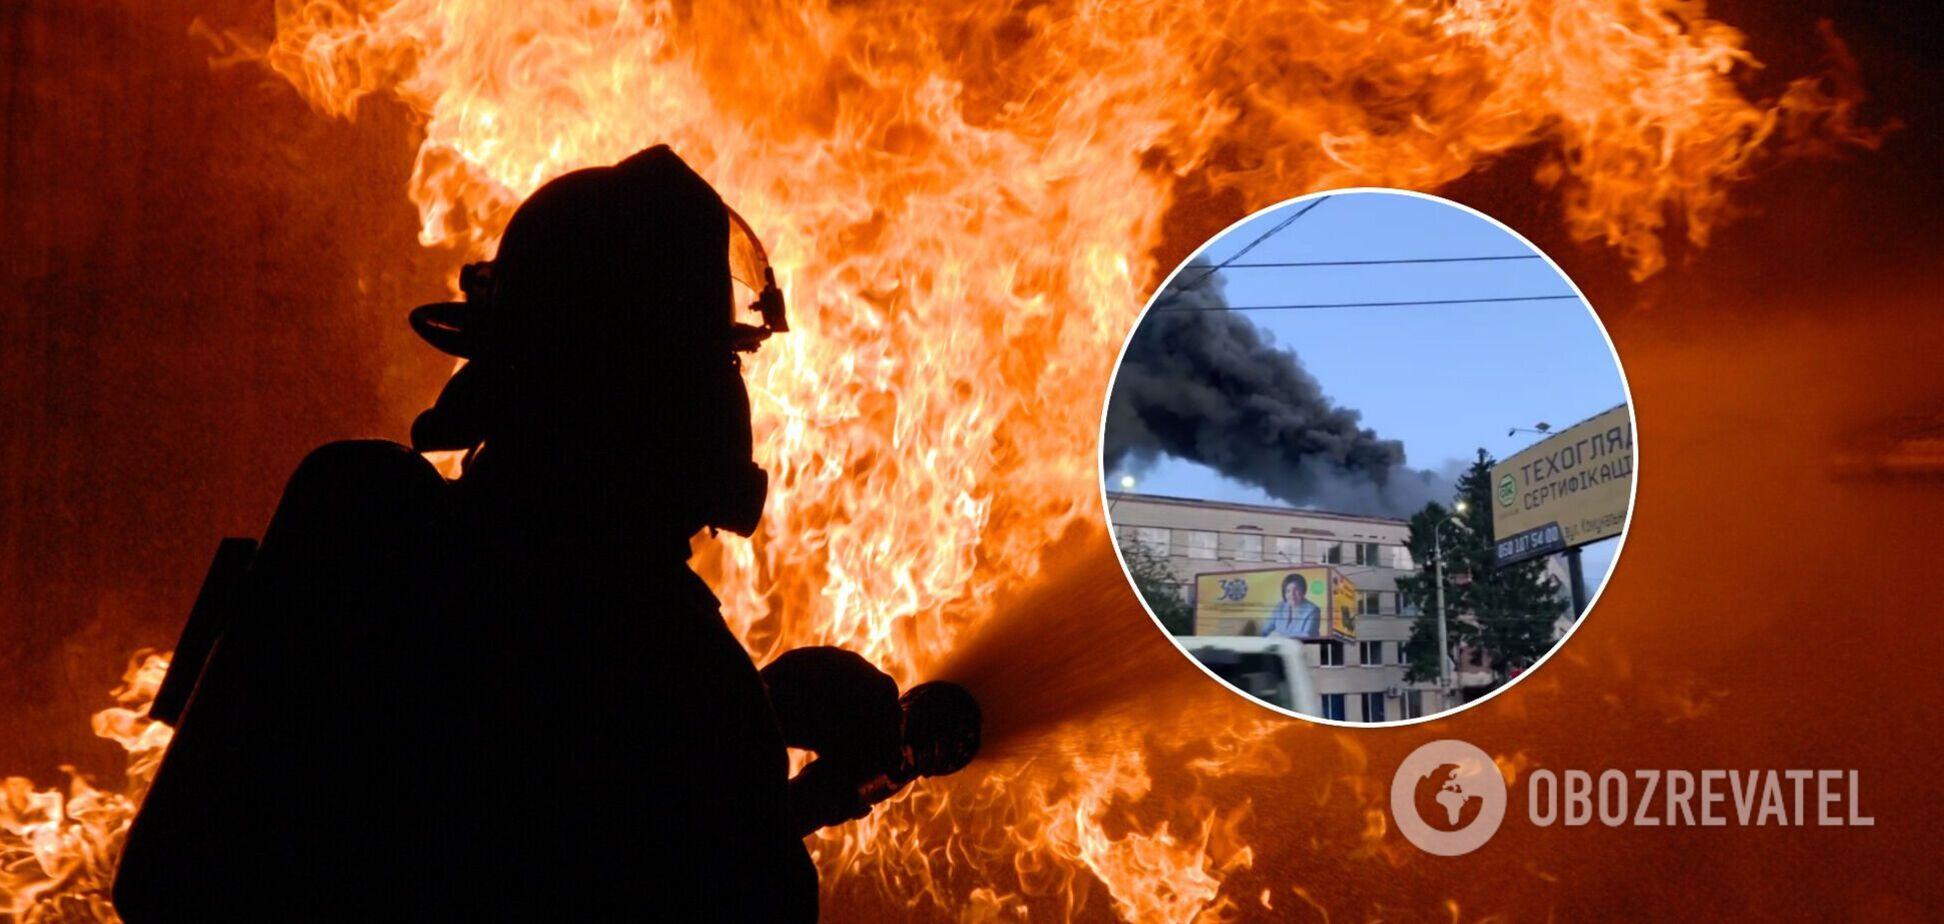 В небо поднялся столб черного дыма: в Черновцах горела мебельная фабрика. Видео